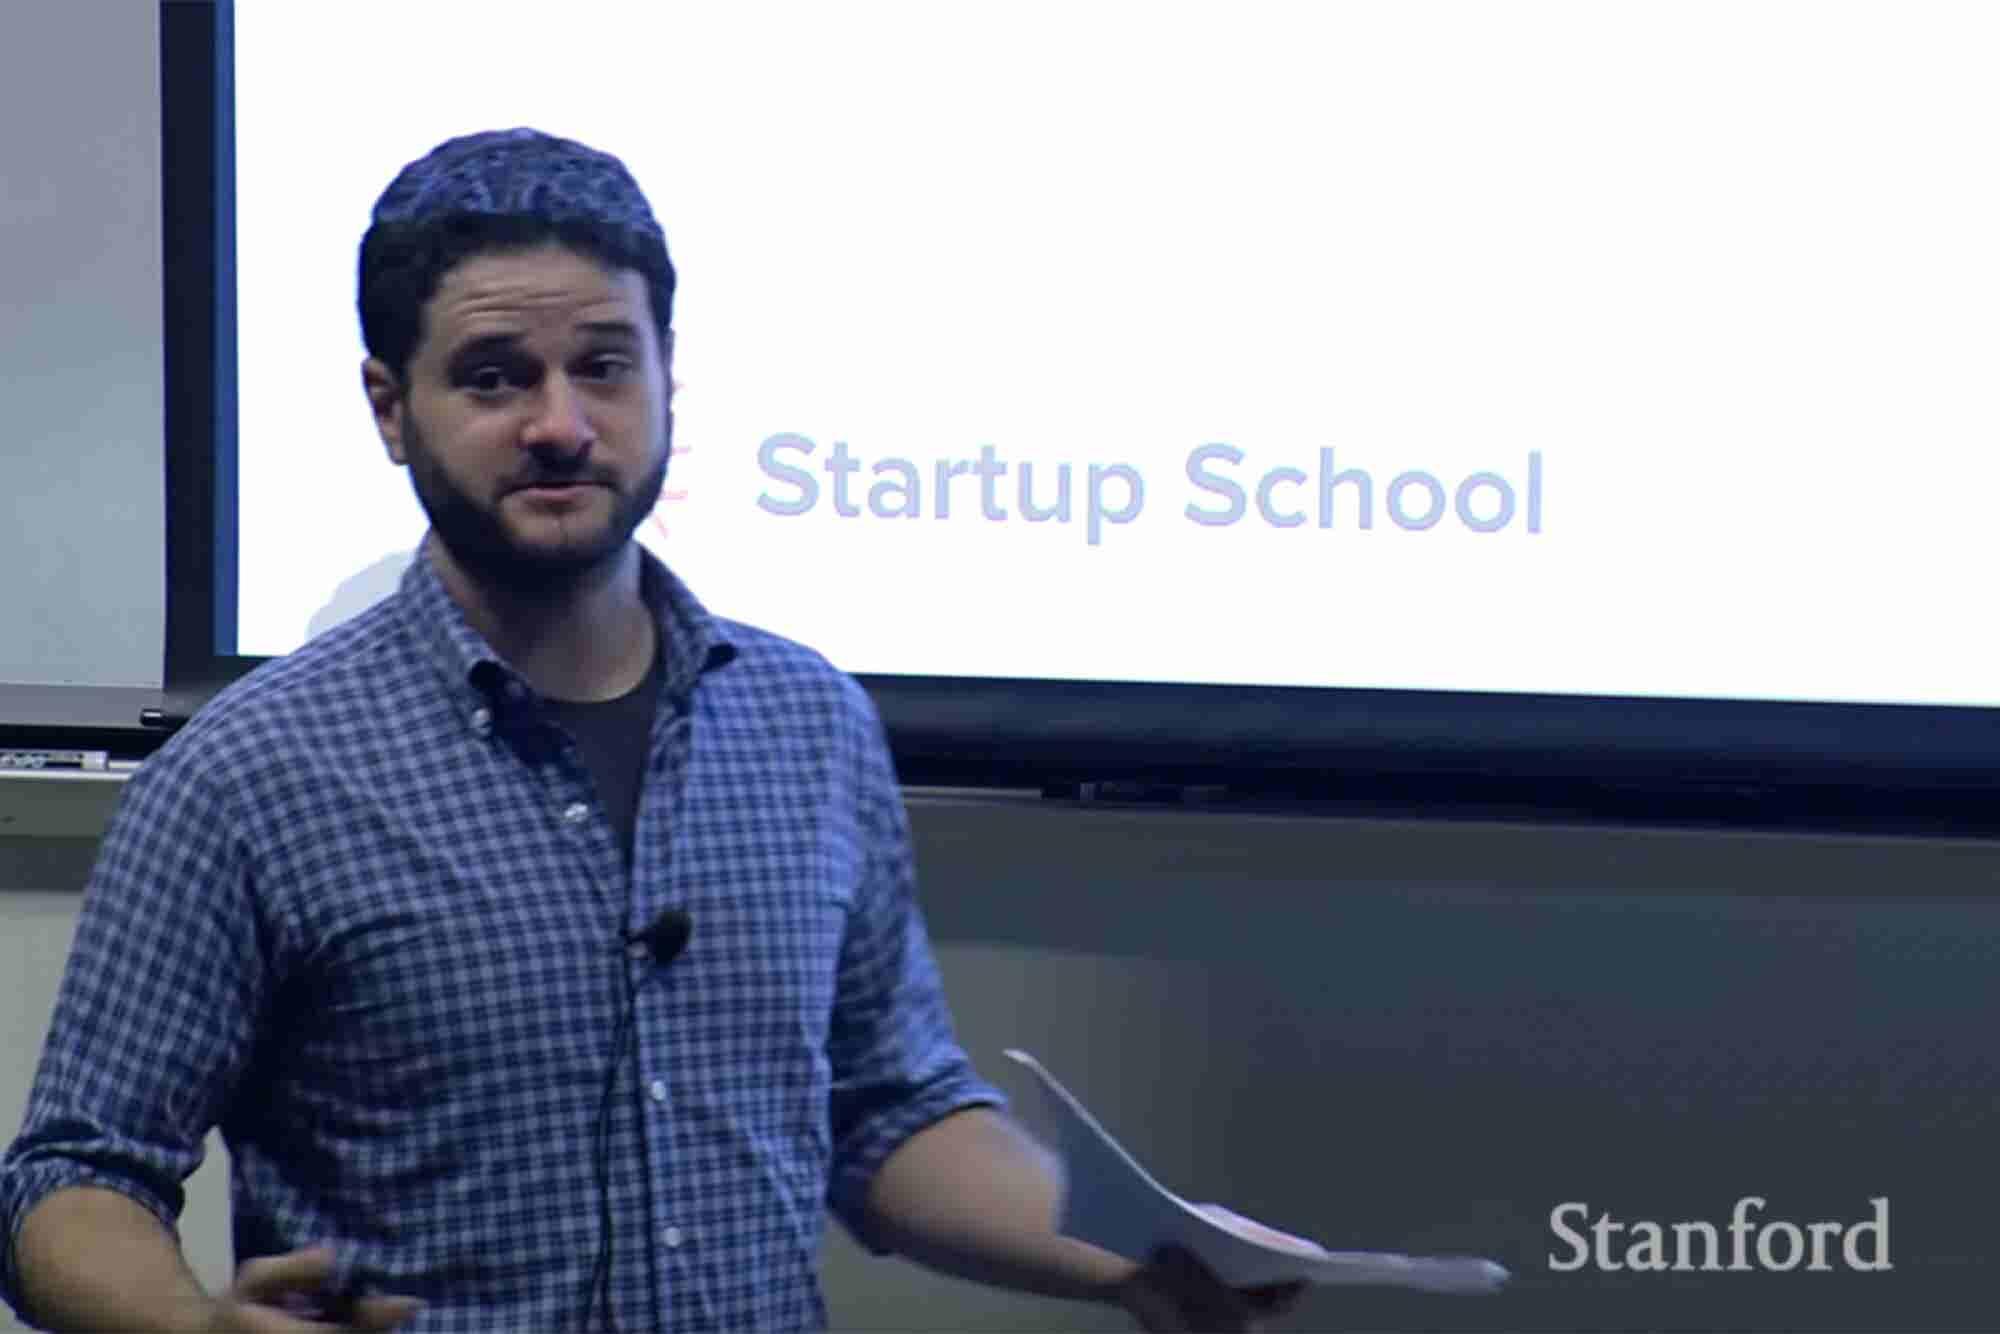 El cofundador de Facebook explica por qué se debe arrancar una startup